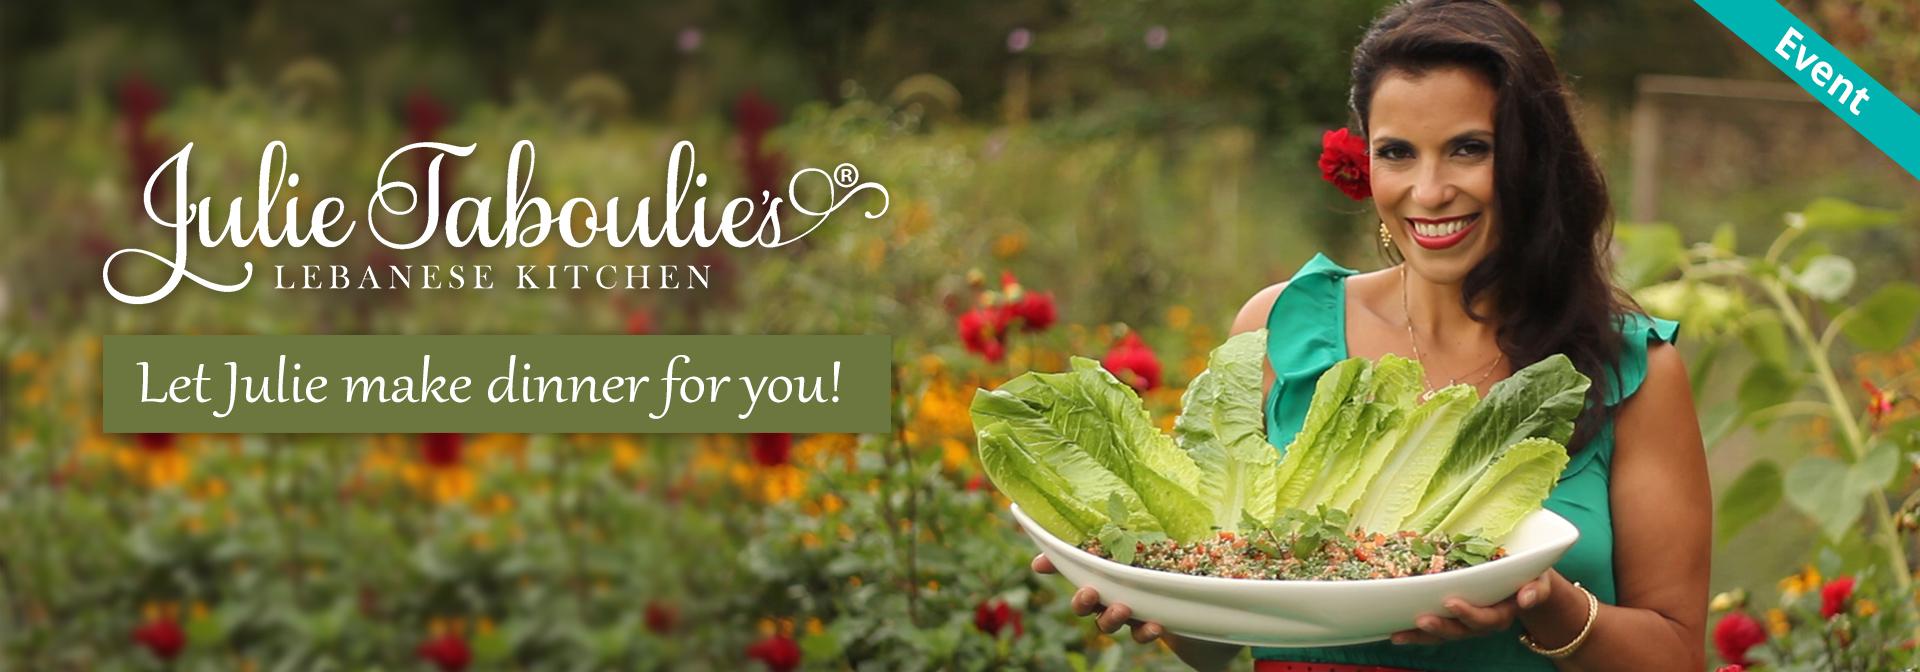 Julie Taboulie Event - Let Julie make dinner for you!